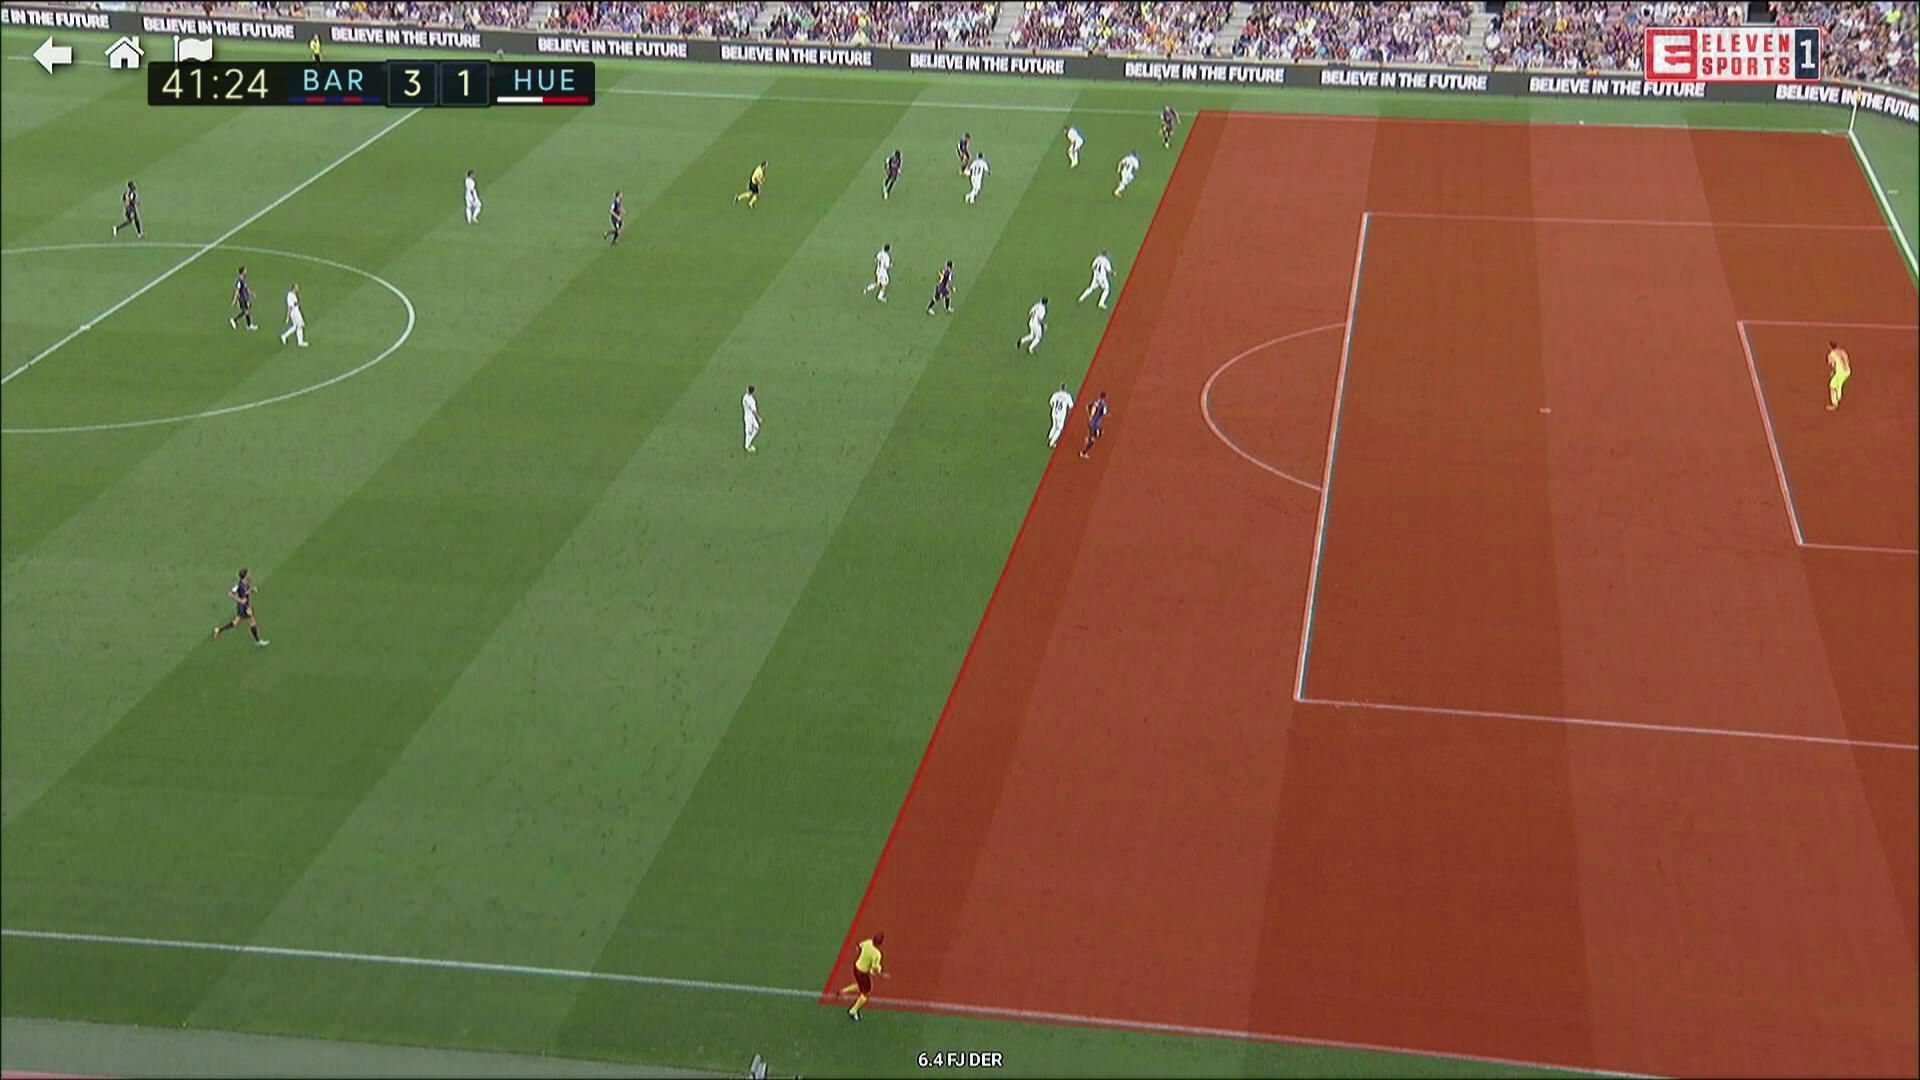 Messi, Suarez và top 5 điểm nhấn ấn tượng trong chiến thắng hủy diệt 8-2 của Barcelona trước Huesca - Ảnh 5.